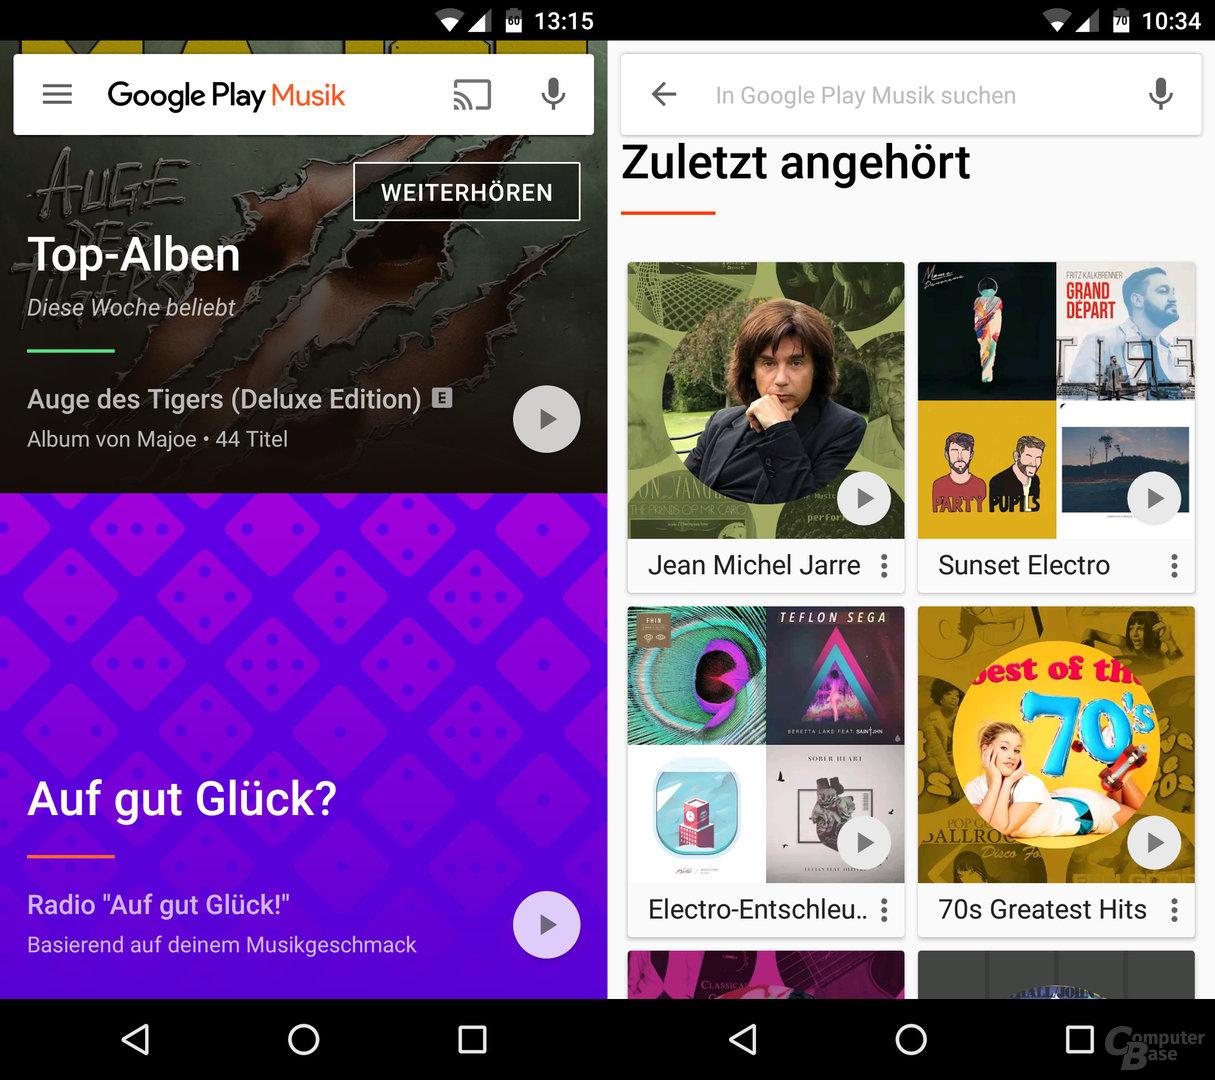 Google Play Music auf einem Android-Smartphone